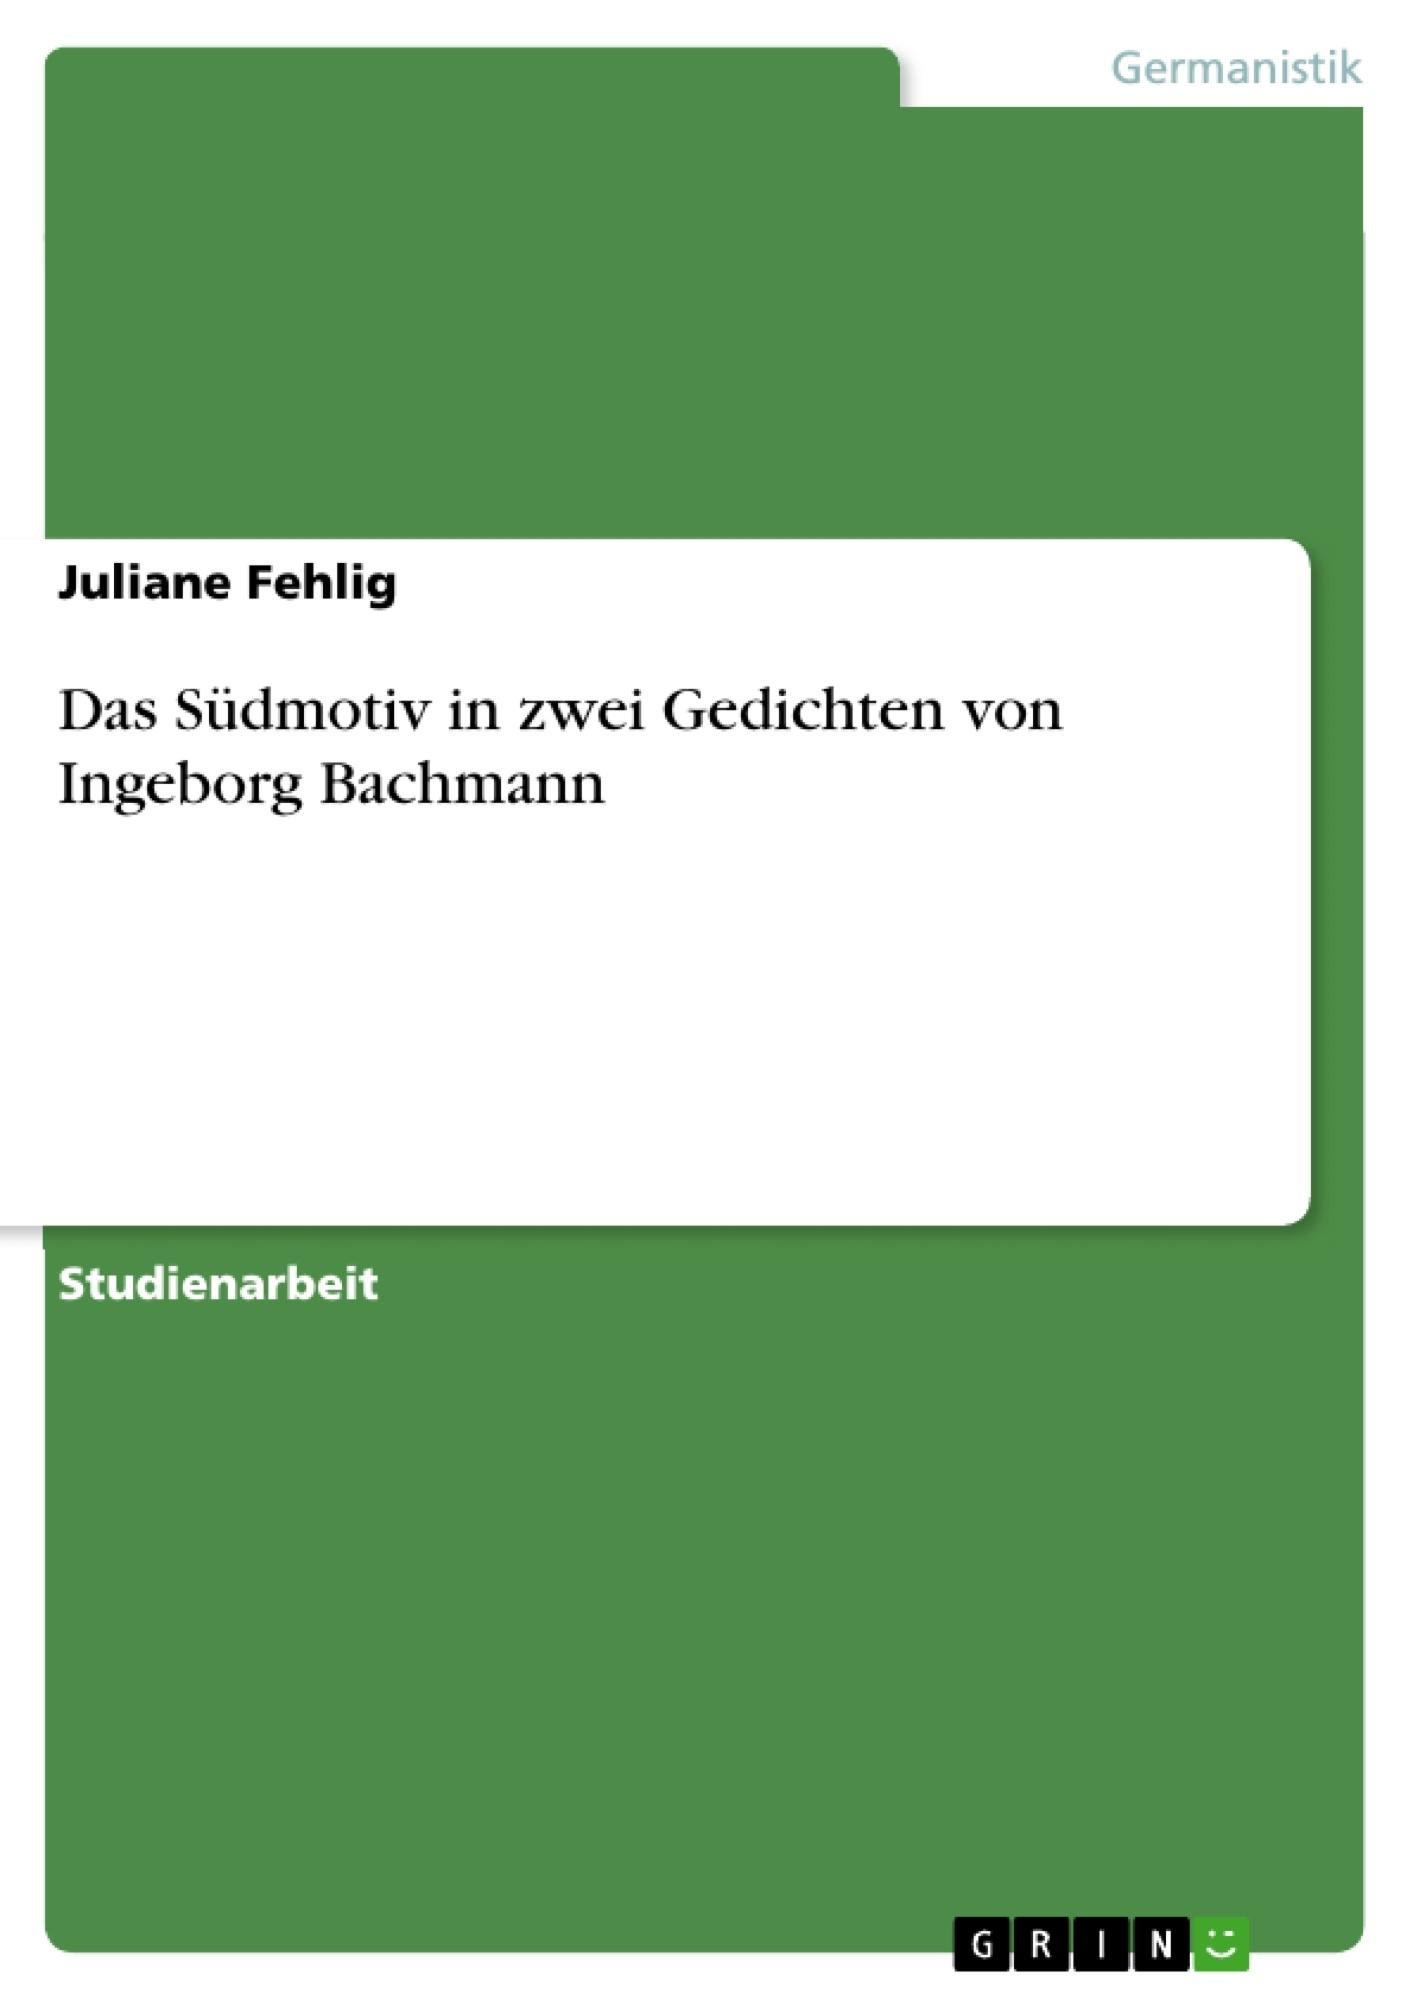 Titel: Das Südmotiv in zwei Gedichten von Ingeborg Bachmann